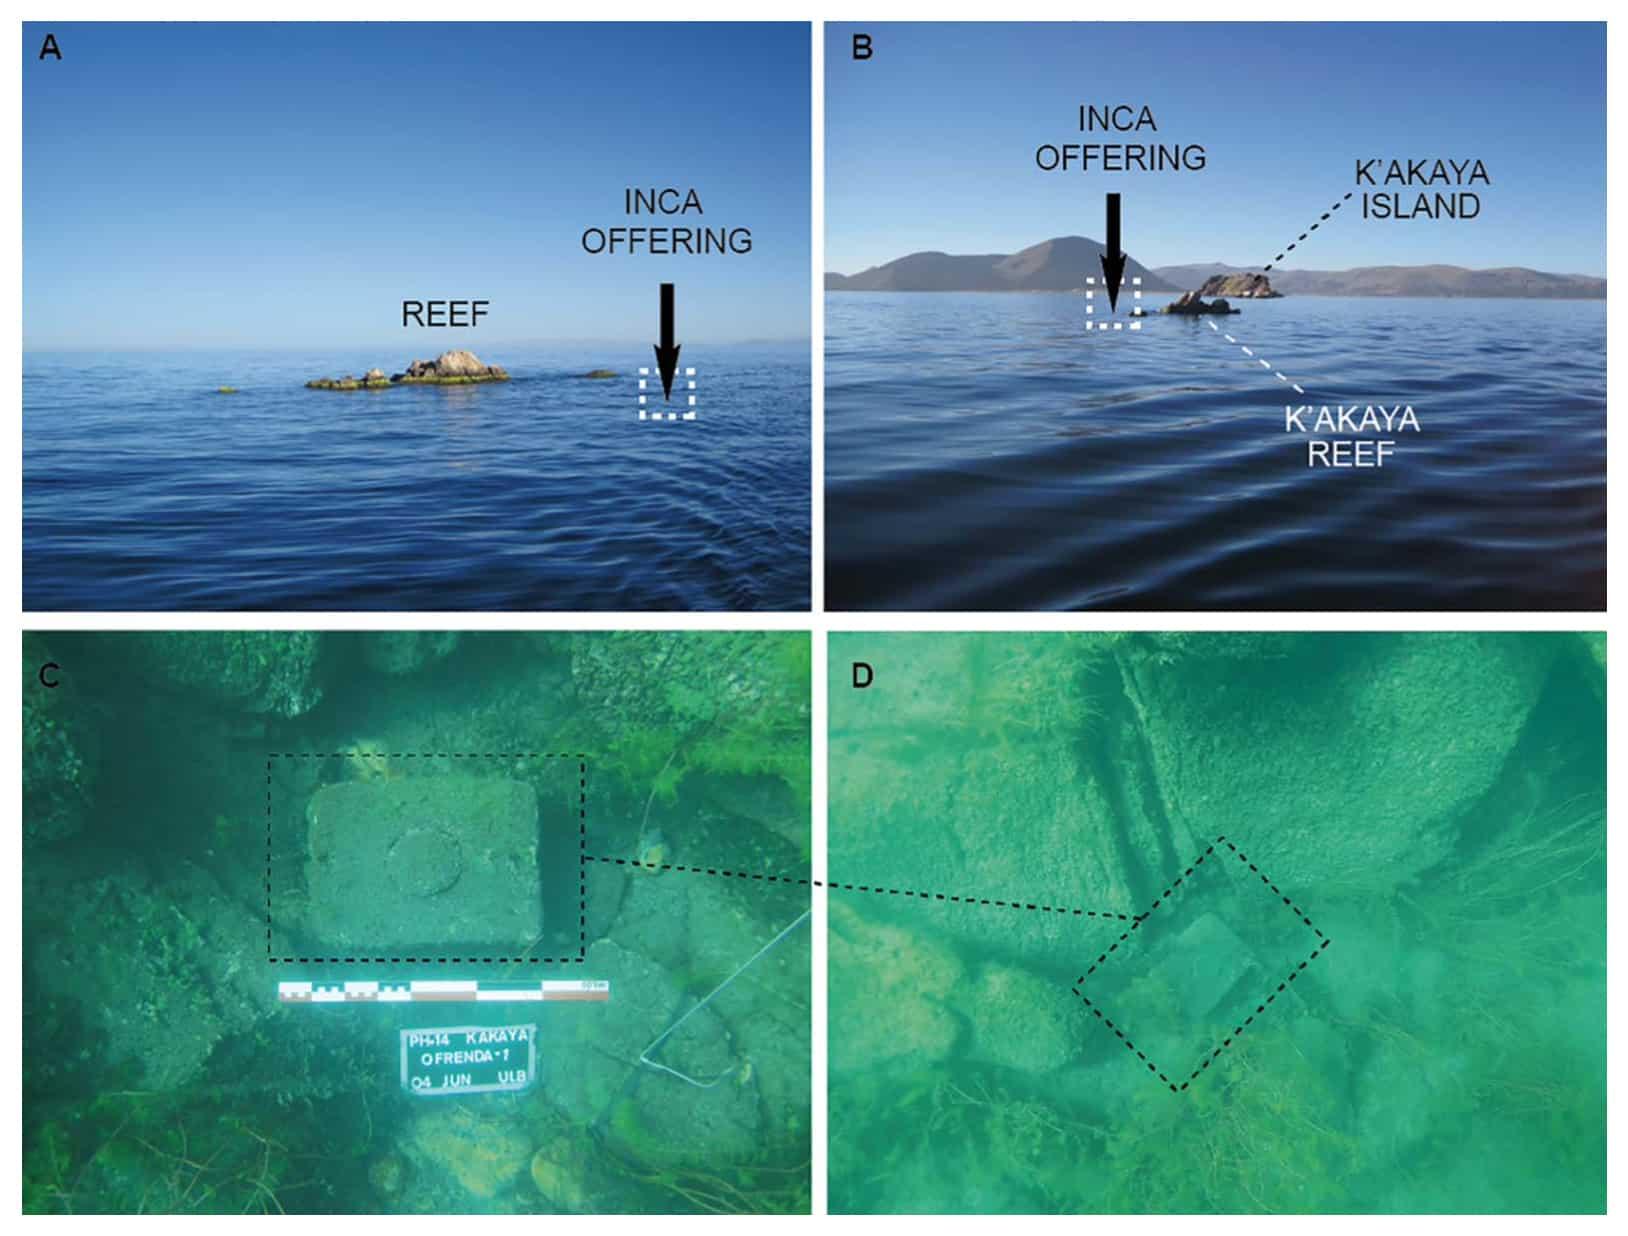 Depozyt ofiarny zatopiony z jeziorze Titicaca divers24.pl